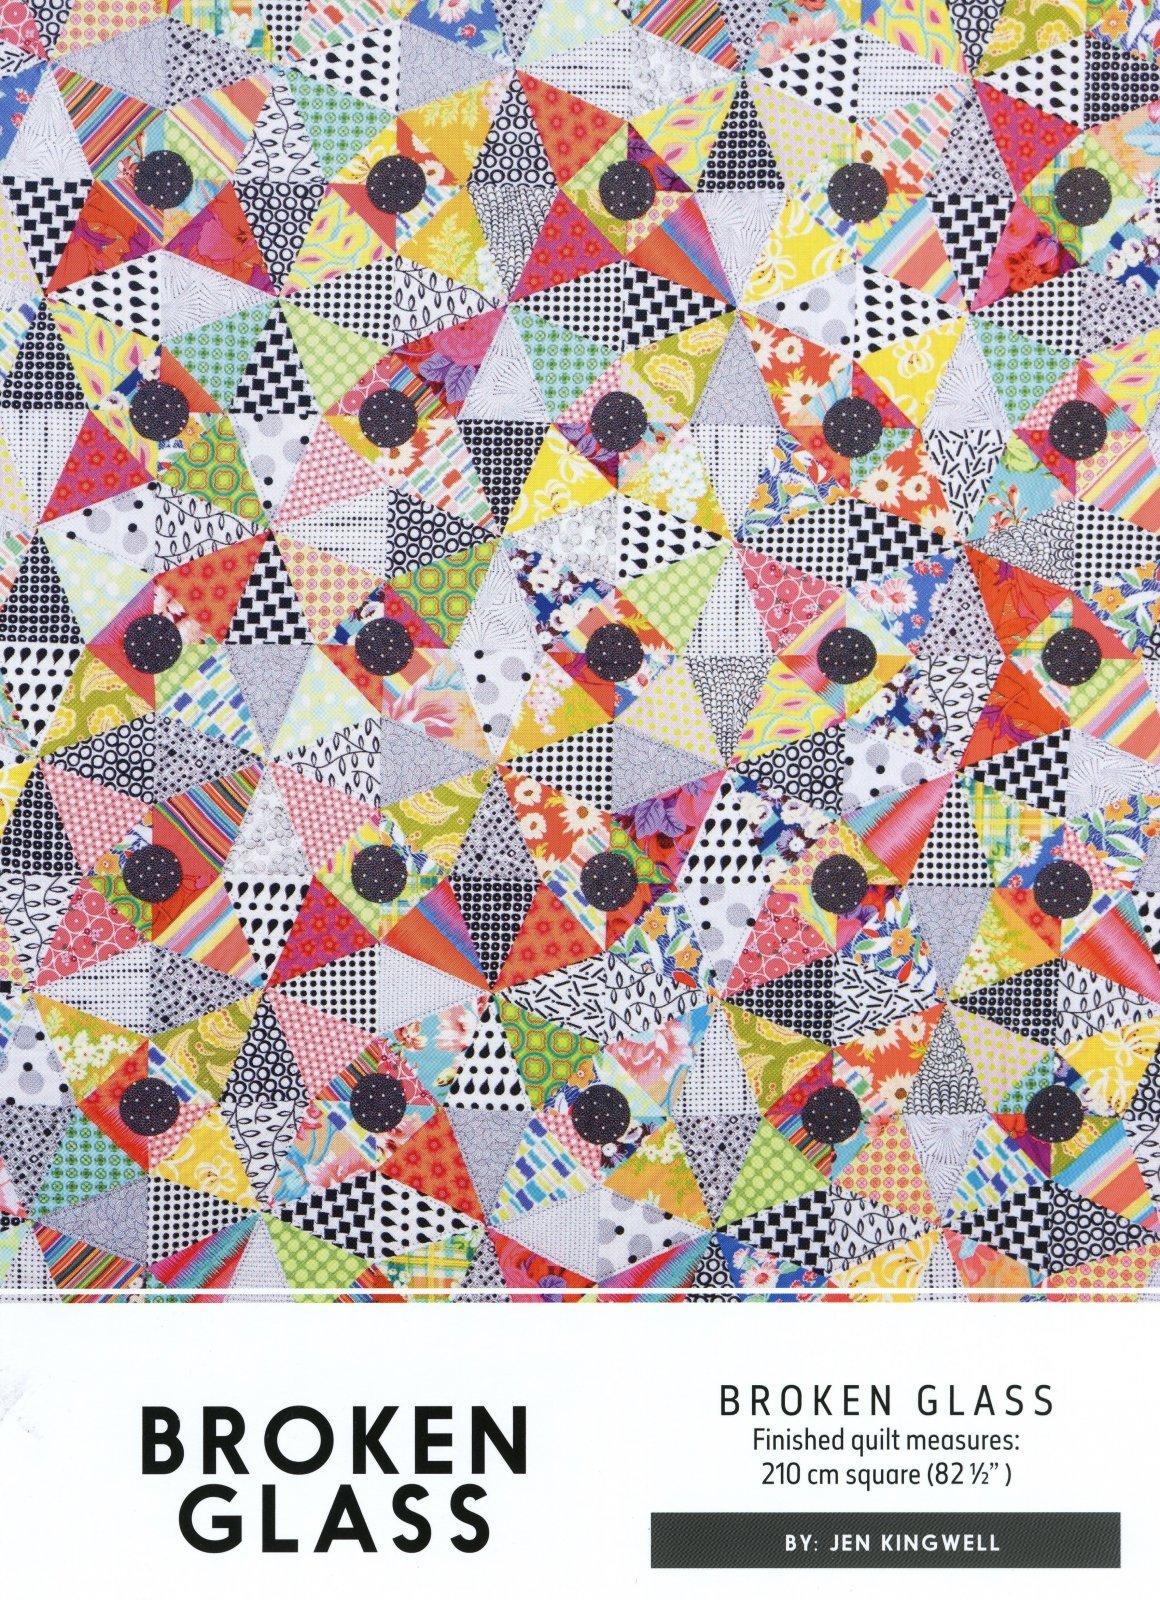 Broken Glass Pattern by Jen Kingwell